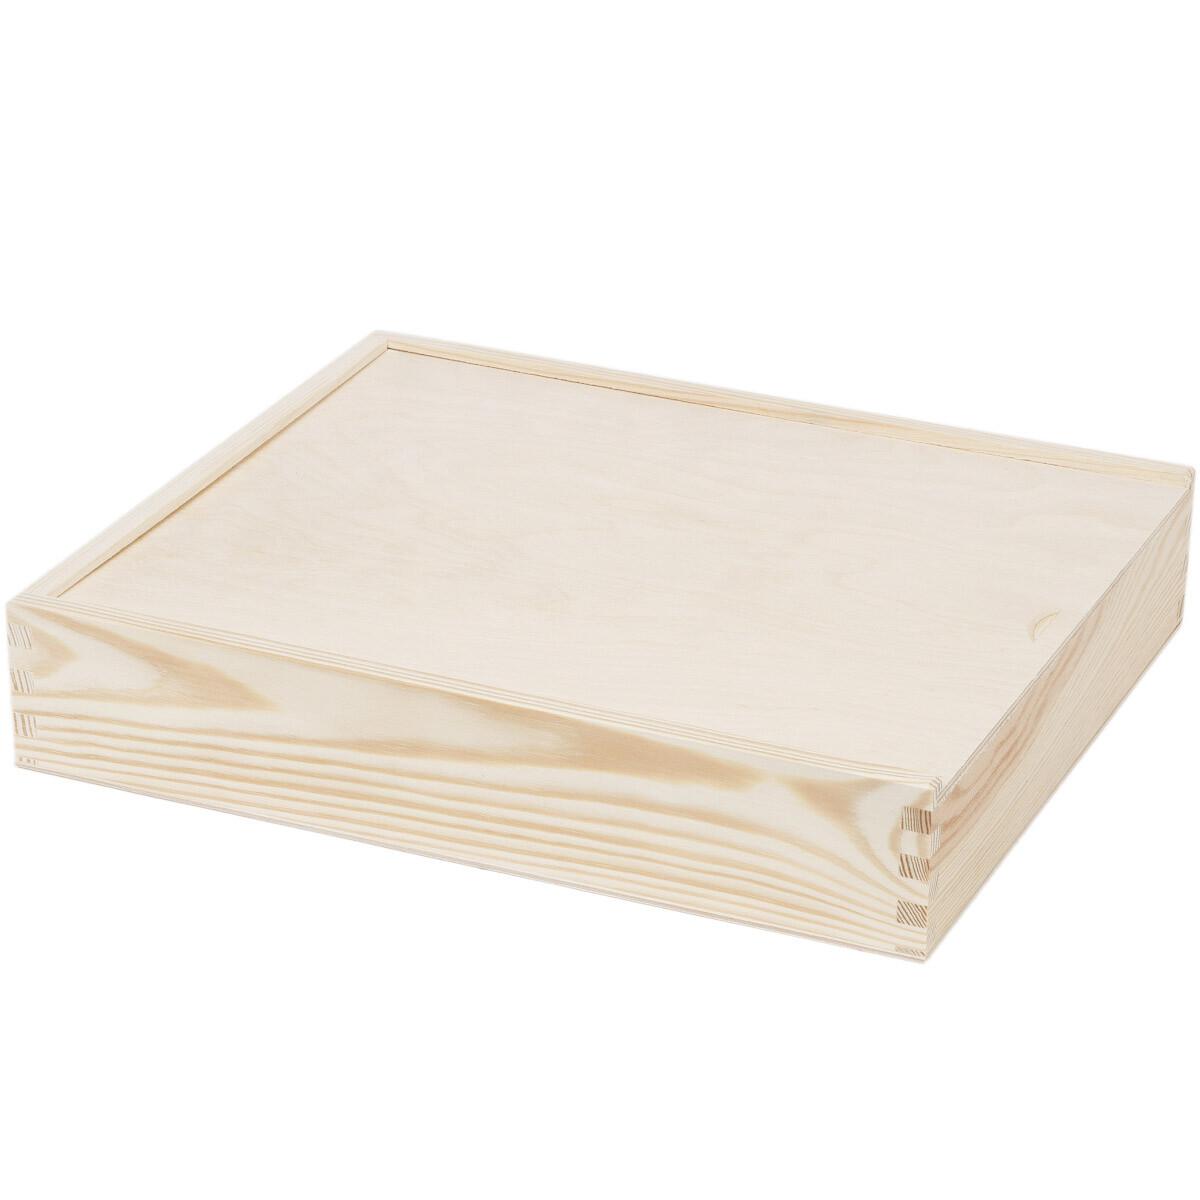 gro e kiste bilderbox 28 x 33 cm holzkiste schiebe deckel aufbe. Black Bedroom Furniture Sets. Home Design Ideas